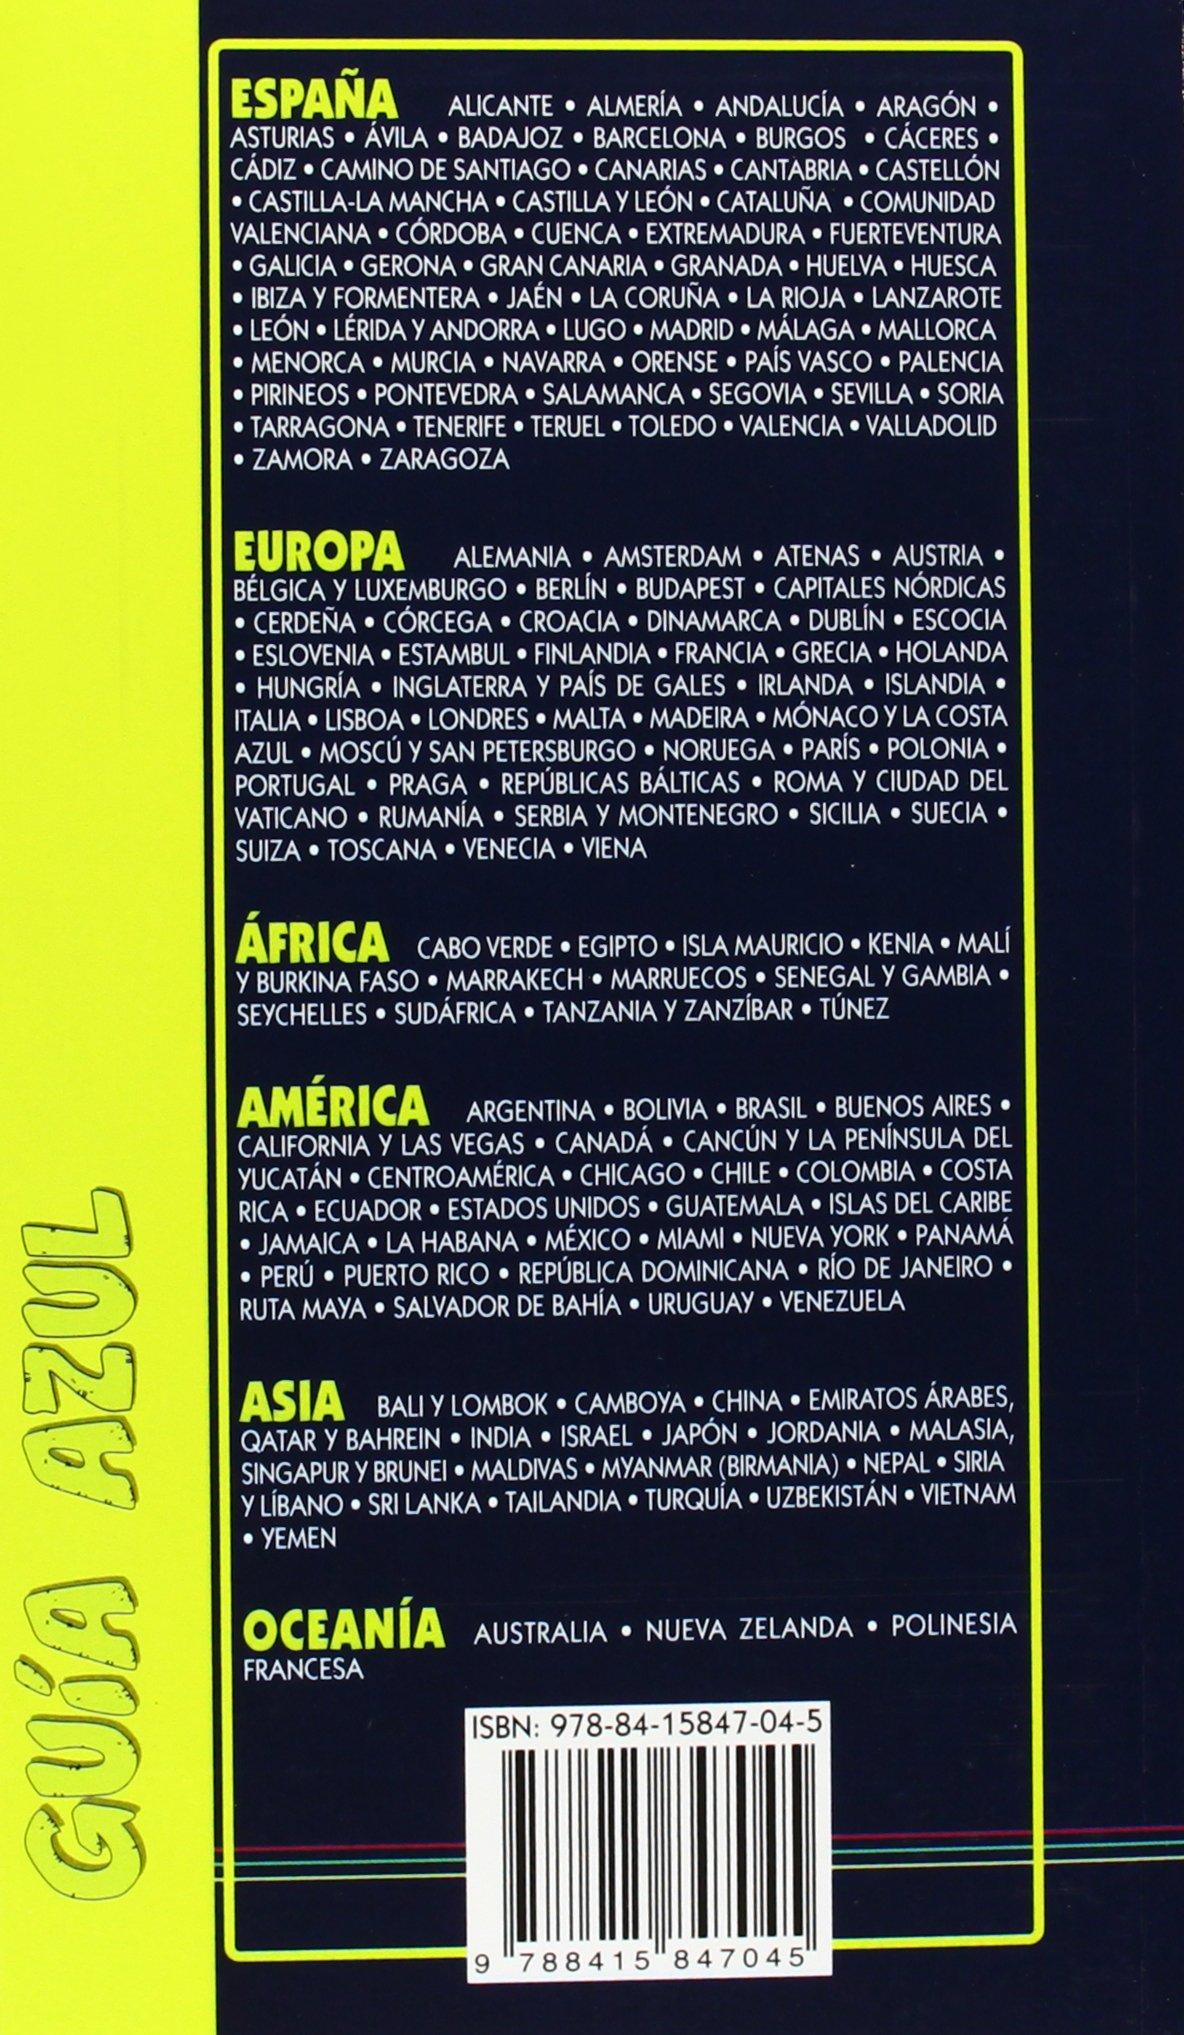 Panamá (Spanish Edition): Daniel Cabrera Navarro, Jesús García Marín: 9788415847045: Amazon.com: Books